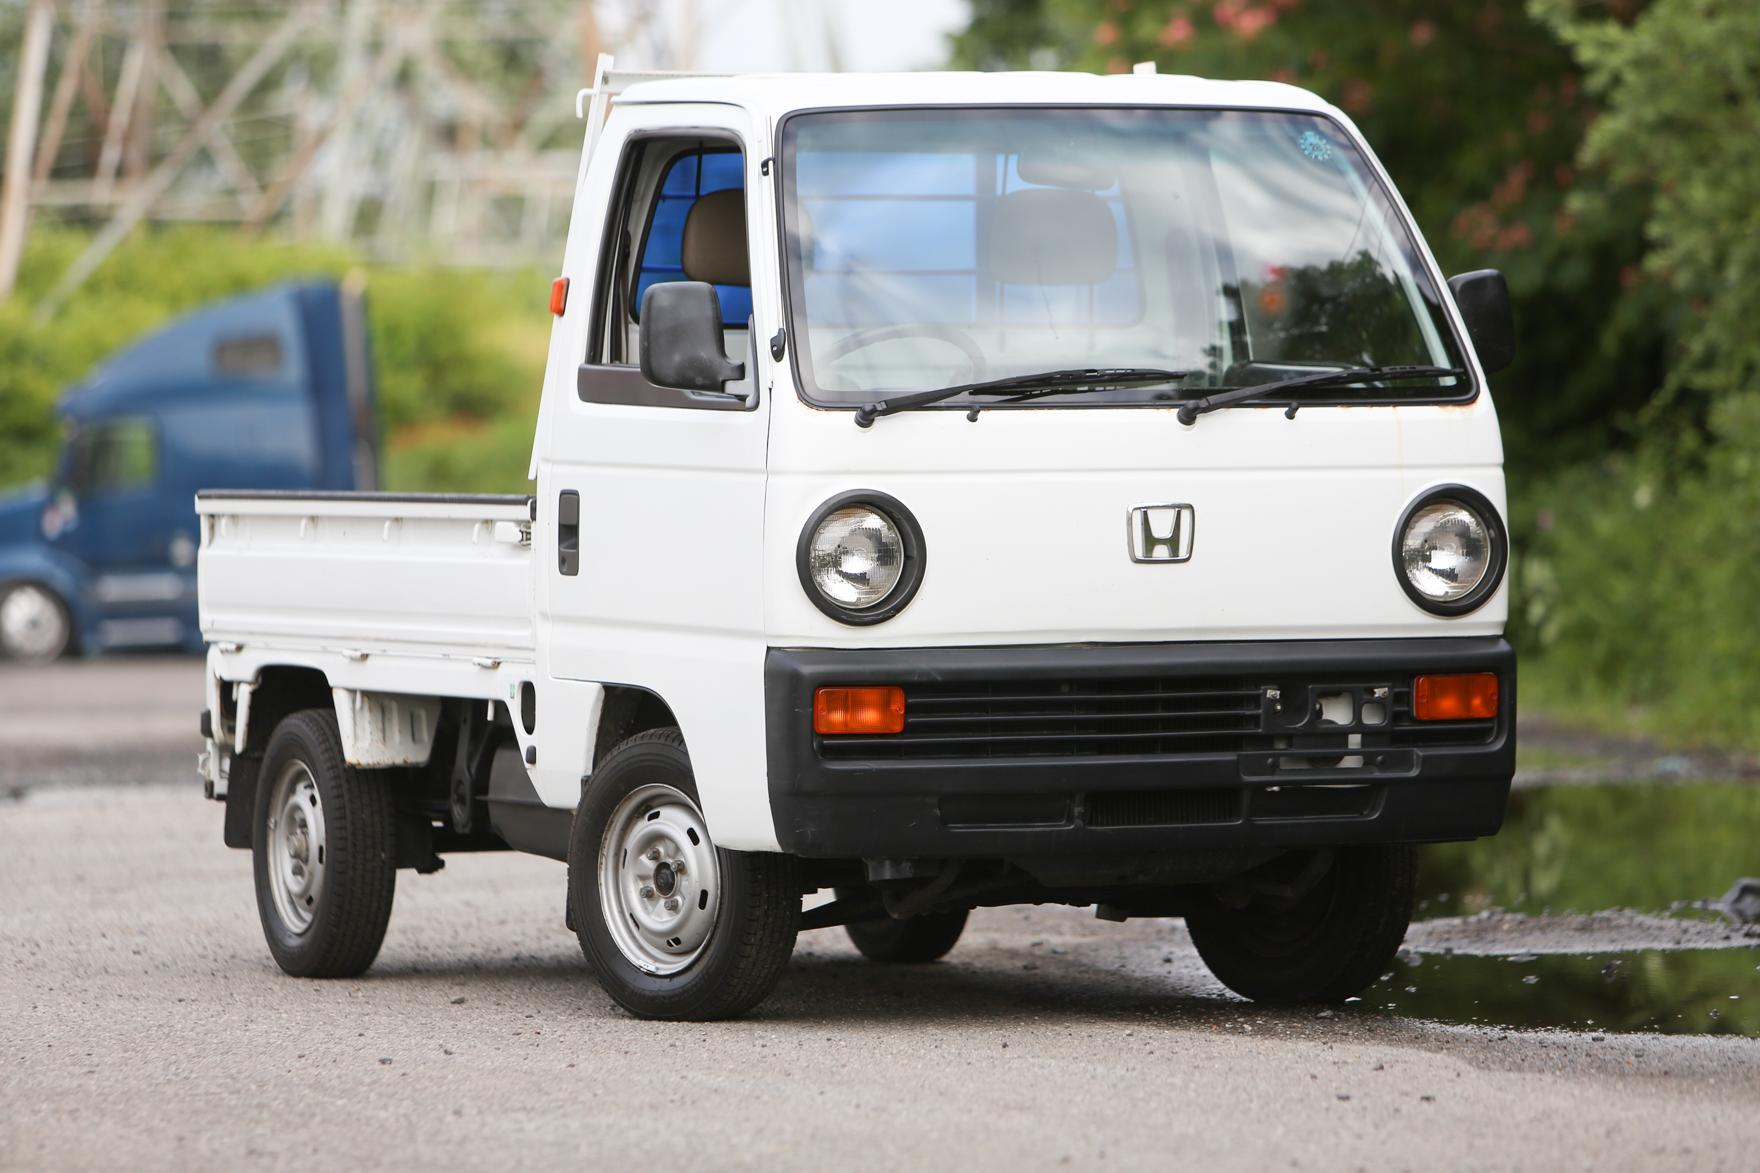 1989 Honda ACTY 4WD - $5,700